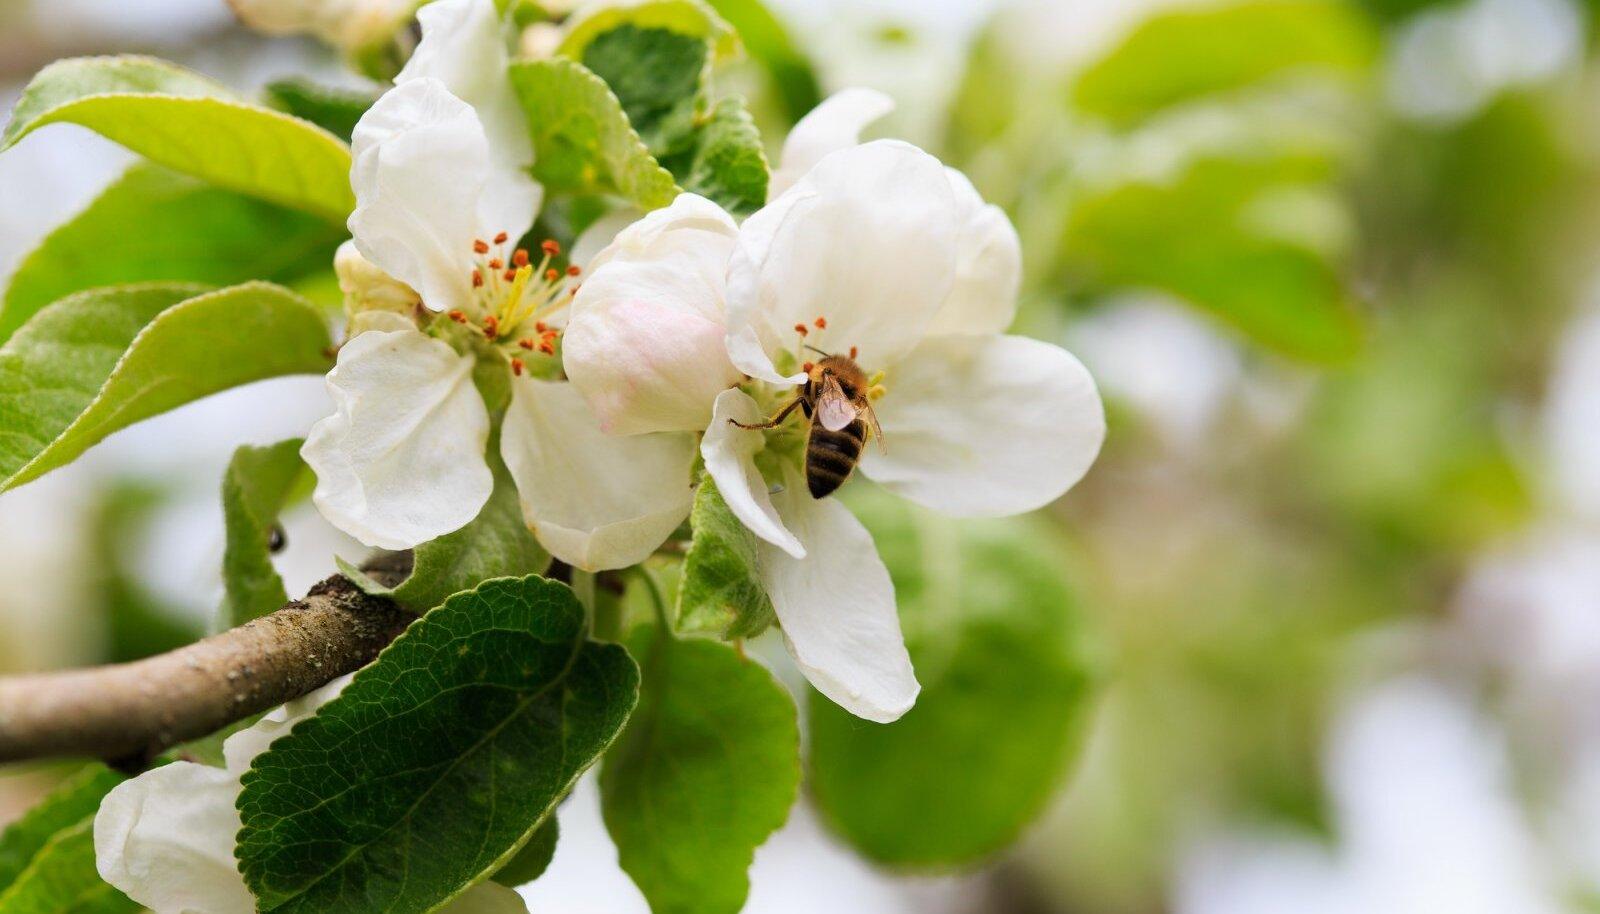 Pühapäevani, mil mesilased said esimest korda terve päeva lennata, oli tolmeldamise aeg mesilastele kehv.